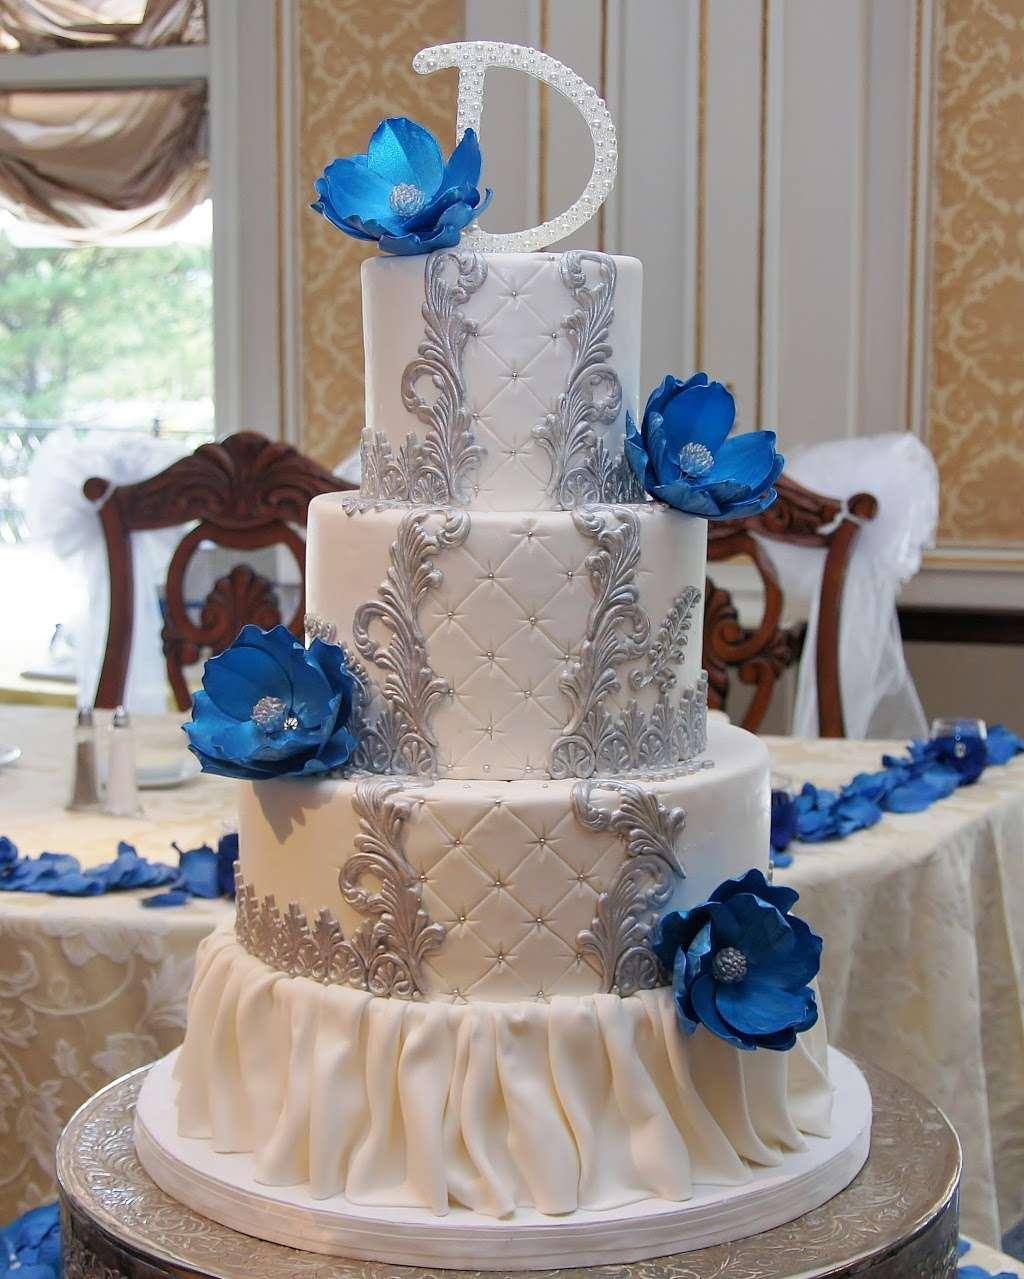 Cake in a Cup NY LLC - bakery  | Photo 6 of 10 | Address: PO Box 224, Bronxville, NY 10708, USA | Phone: (917) 225-5769